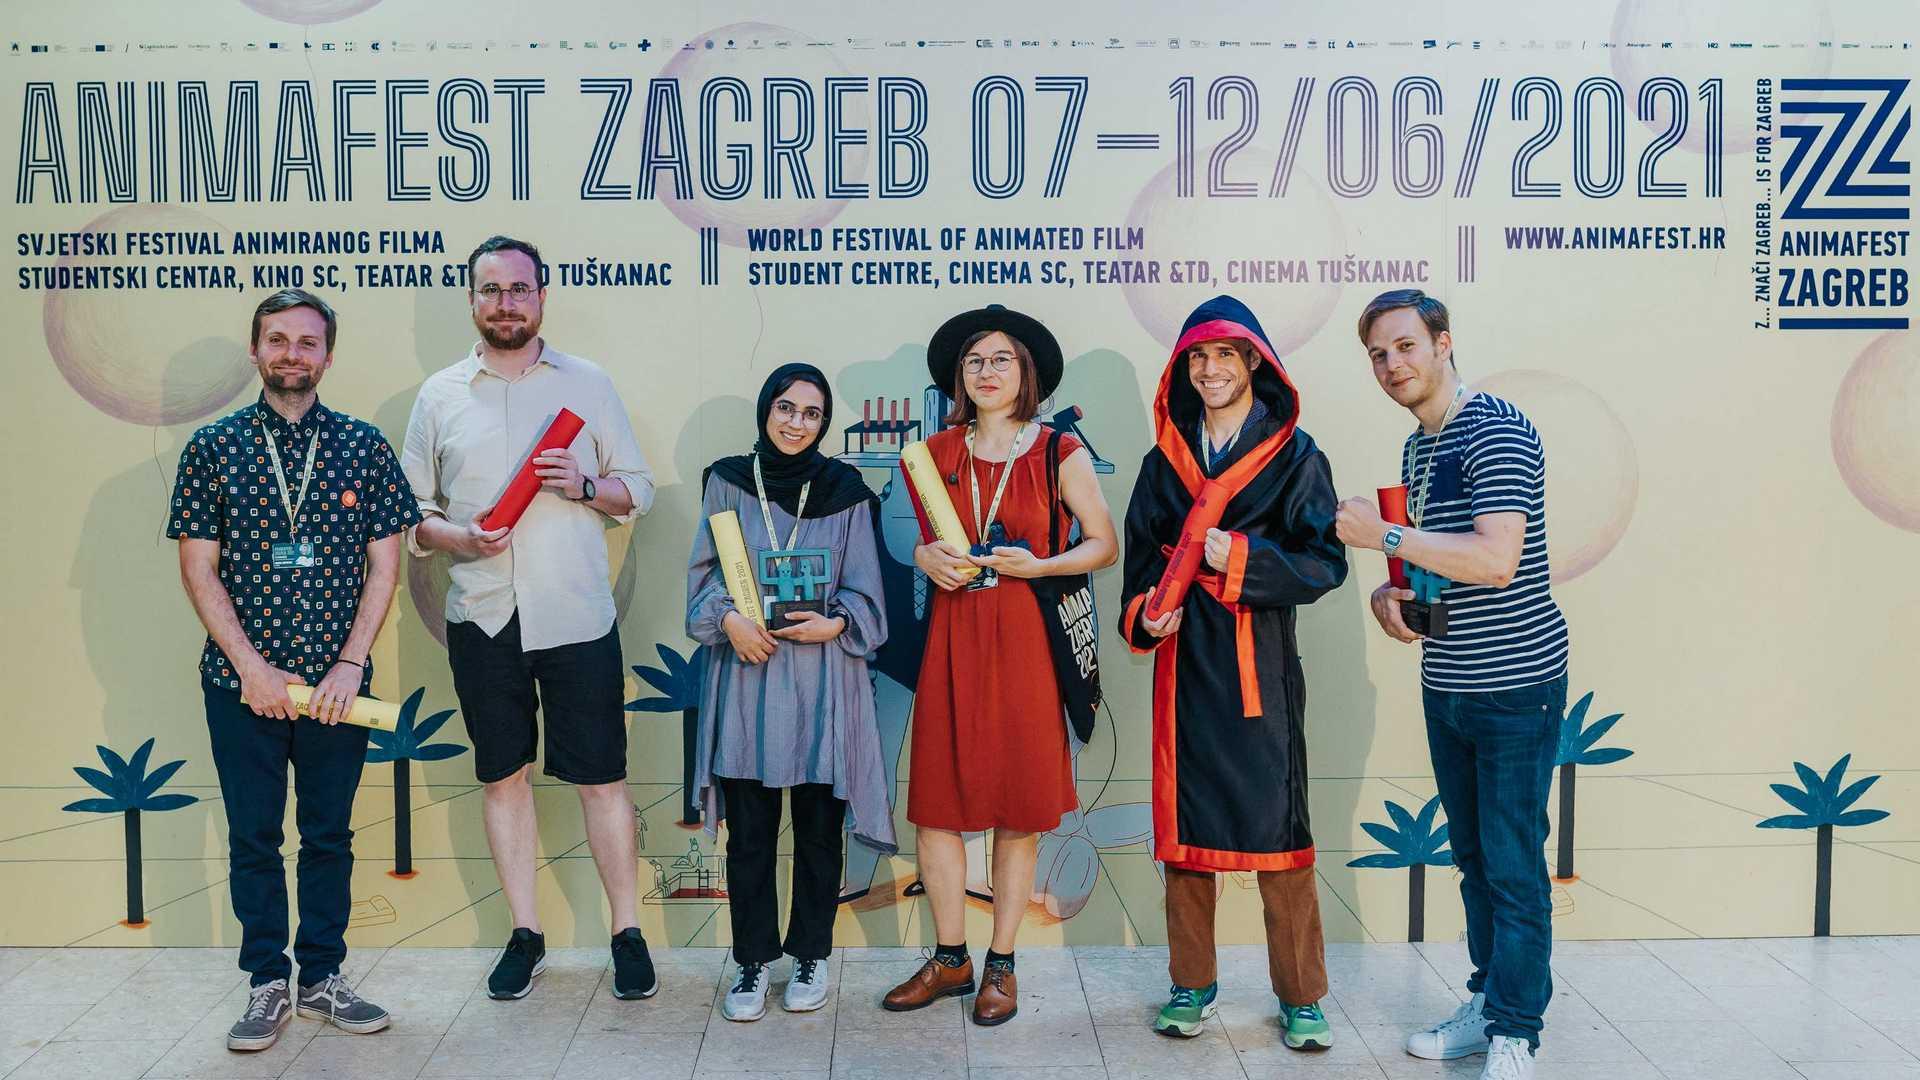 Proglašeni su pobjednici festivala | 31. Svjetski festival animiranog filma – Animafest Zagreb 2021